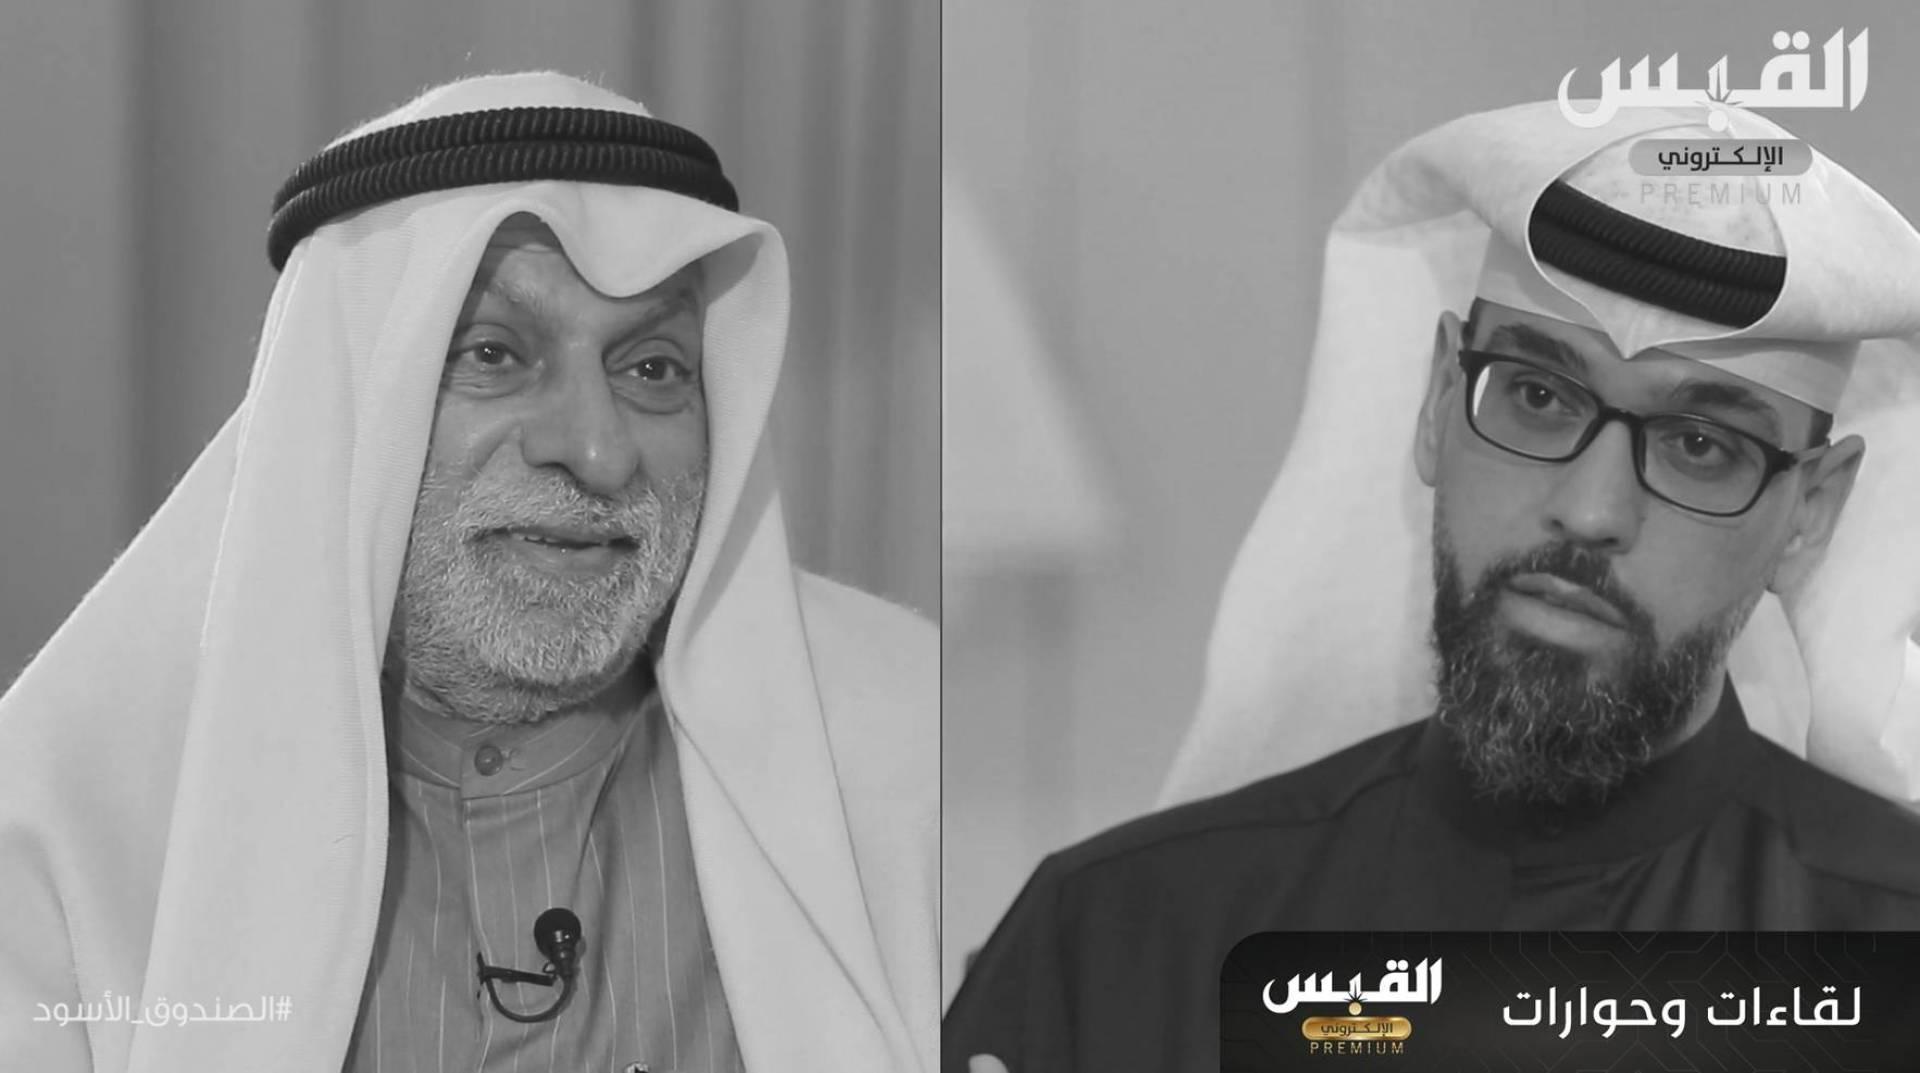 حصرياً.. الجزء 9 و 10 من سلسلة حلقات د. عبدالله النفيسي